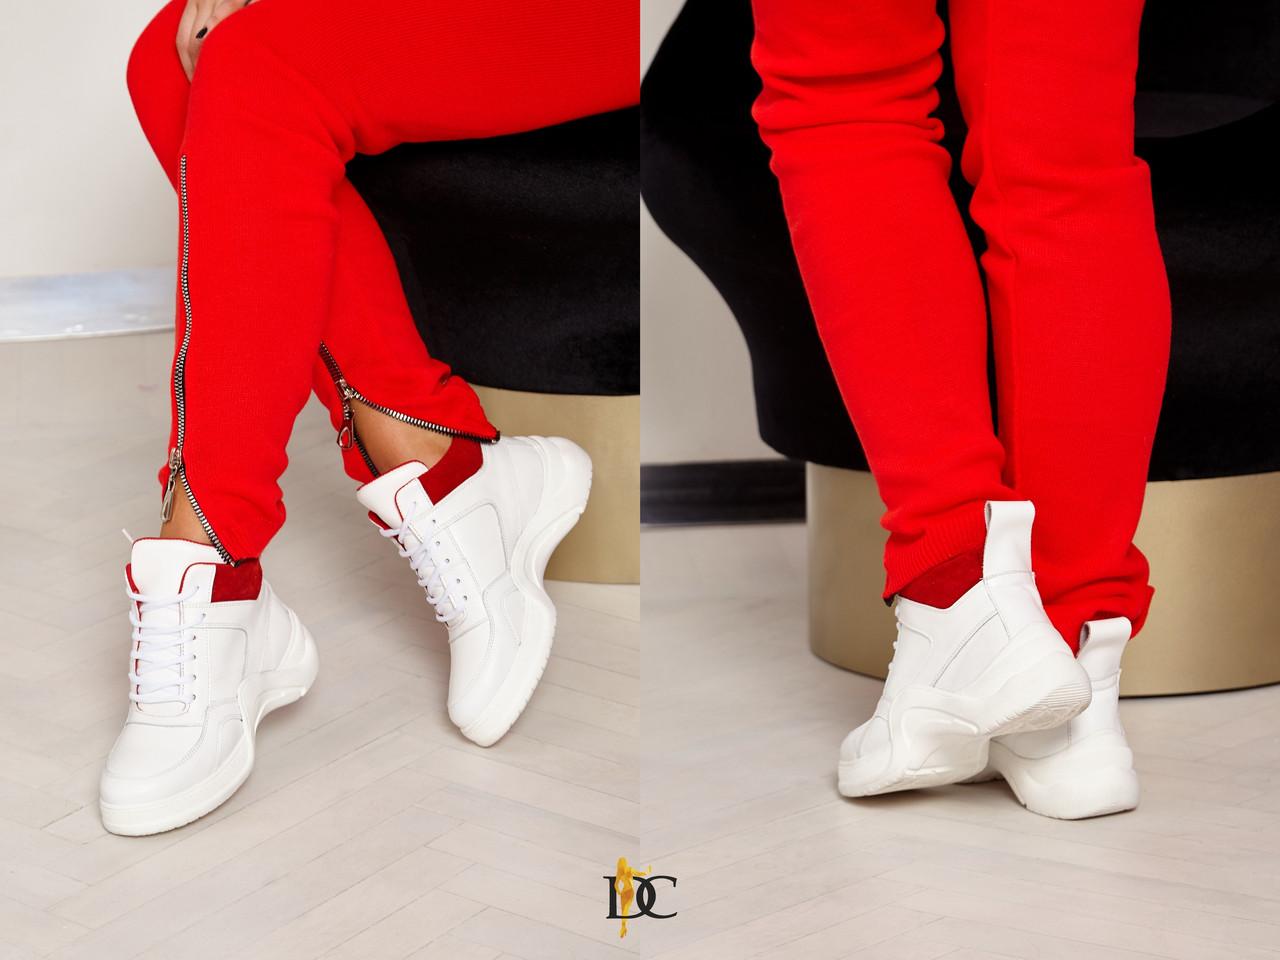 c3274ab1b Стильные, женские, замшевые кроссовки в повседневном стилле на осенне- весенний сезон РАЗНЫЕ ЦВЕТ